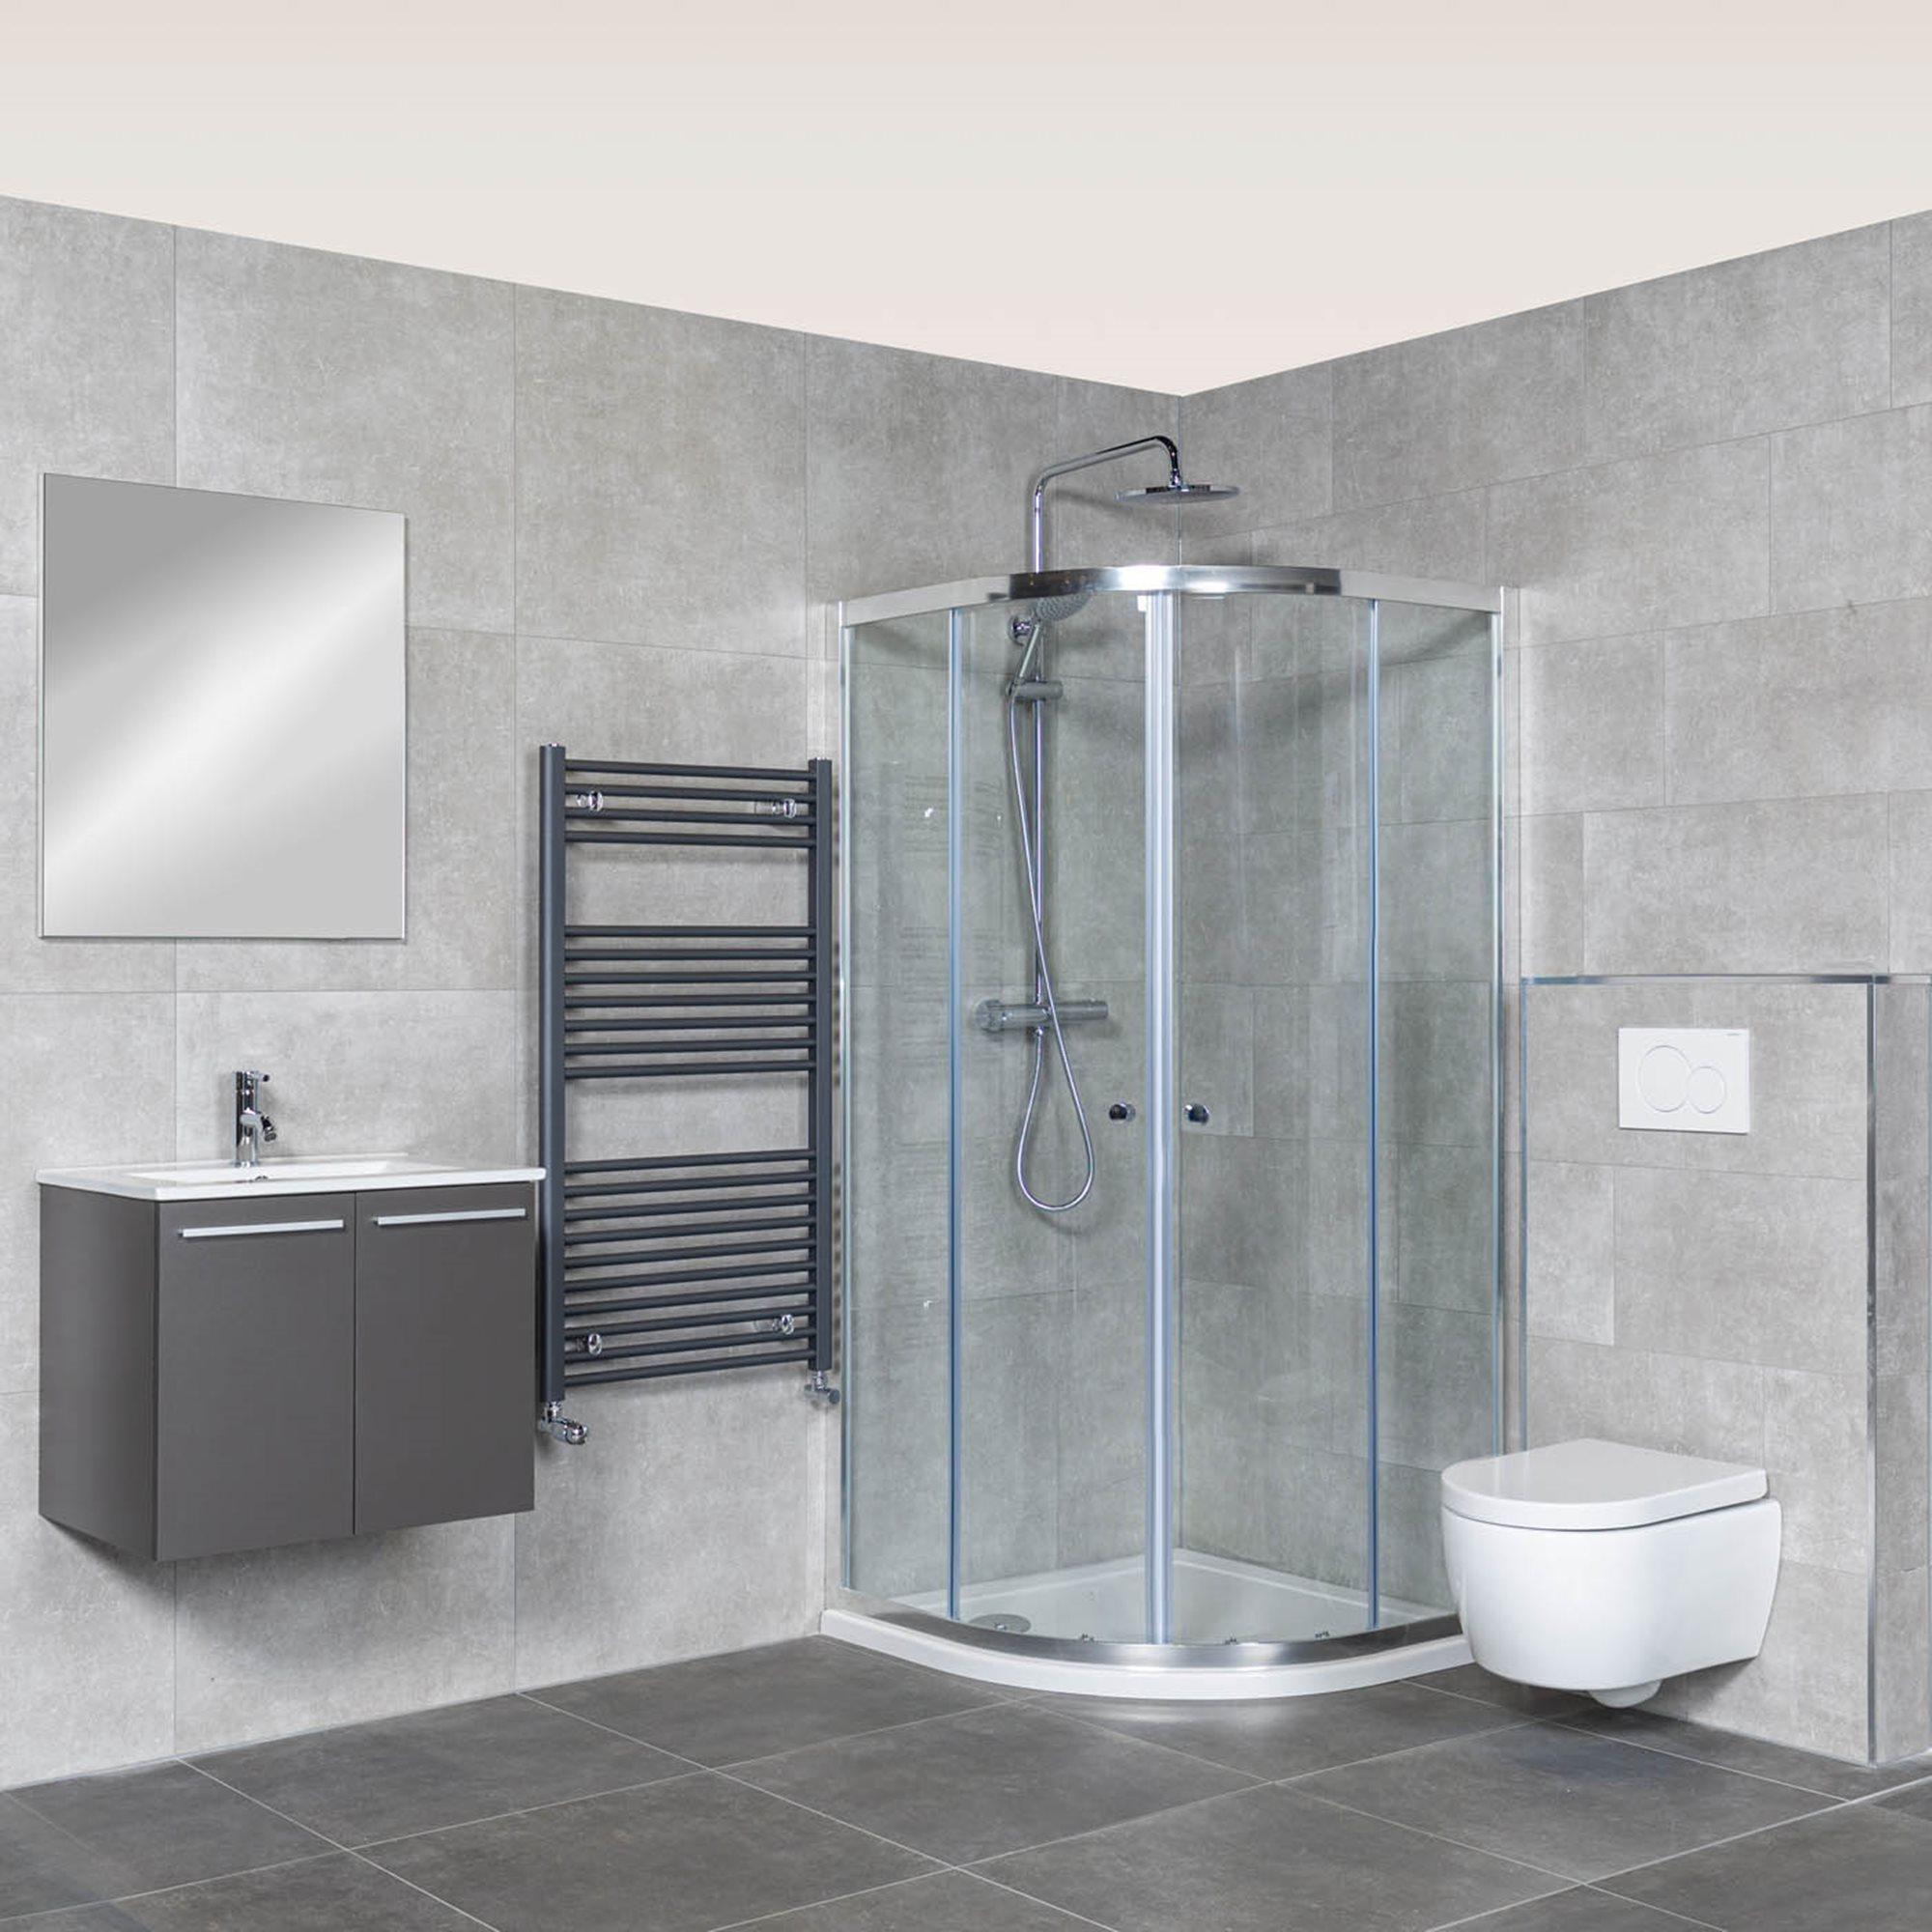 lage-douchebak-douchecabine-kwartrond-betonlook-tegels-grijs-badkamermeubel-hangtoilet-grijze-radiator.jpg